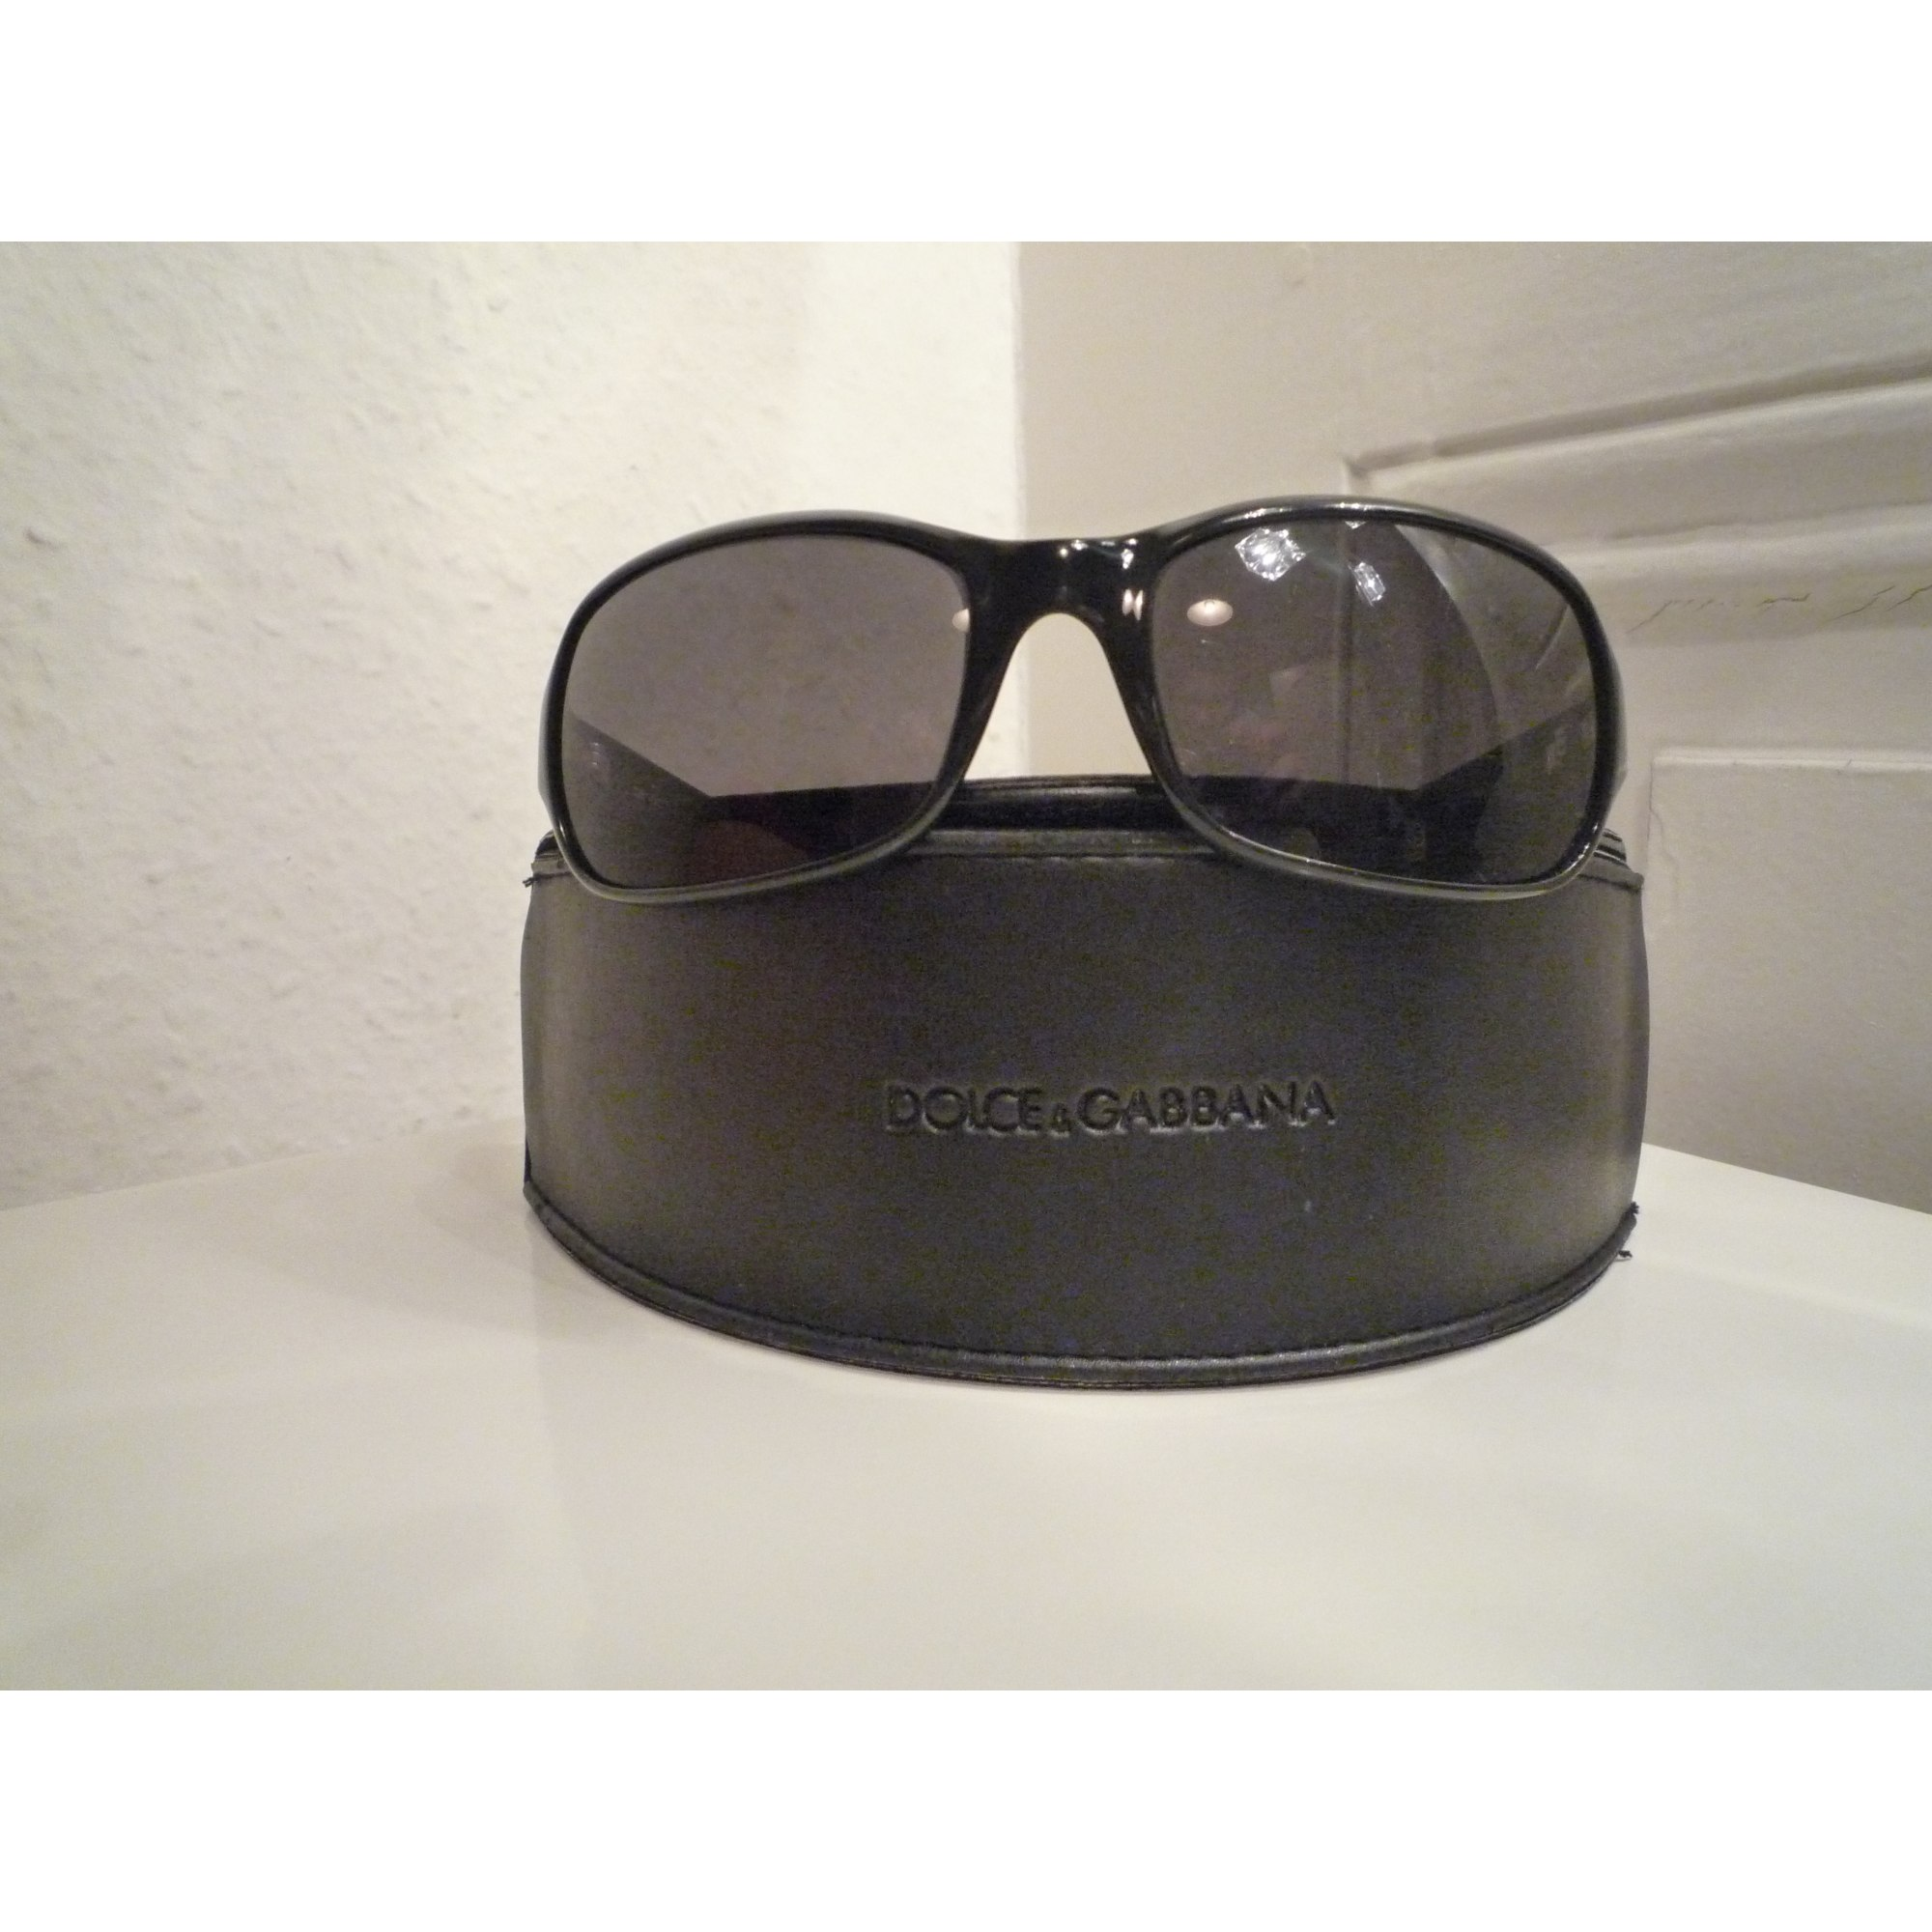 10a7f54c9ff133 Lunettes de soleil DOLCE   GABBANA noir vendu par Laeti 947200 - 185235